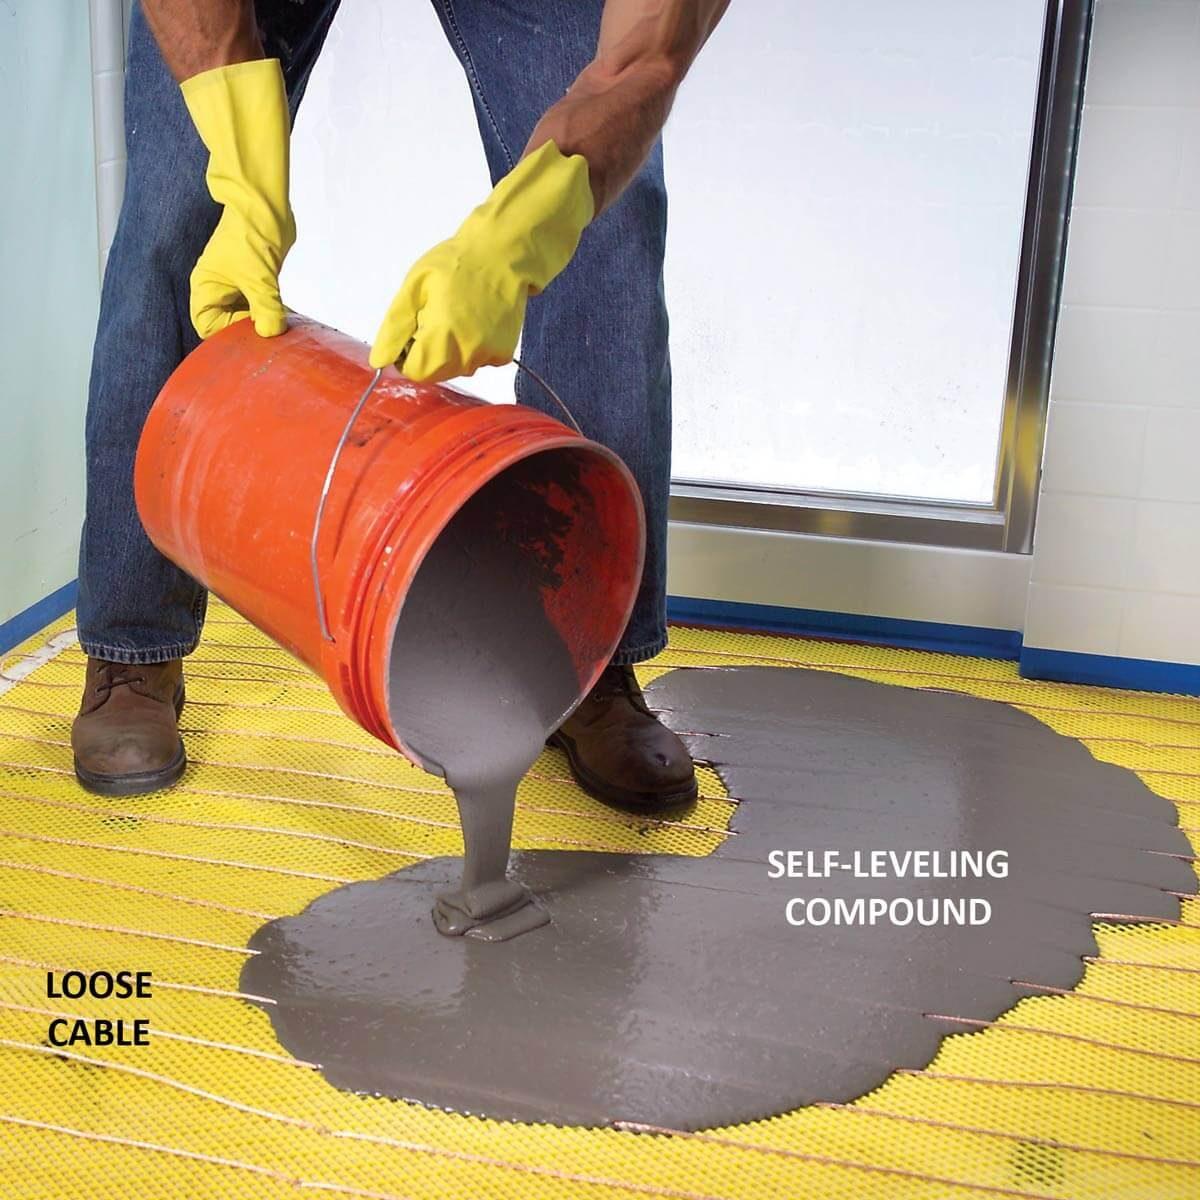 FH07DJA_474_54_012 electric heated floors loose cable heated floor heated flooring